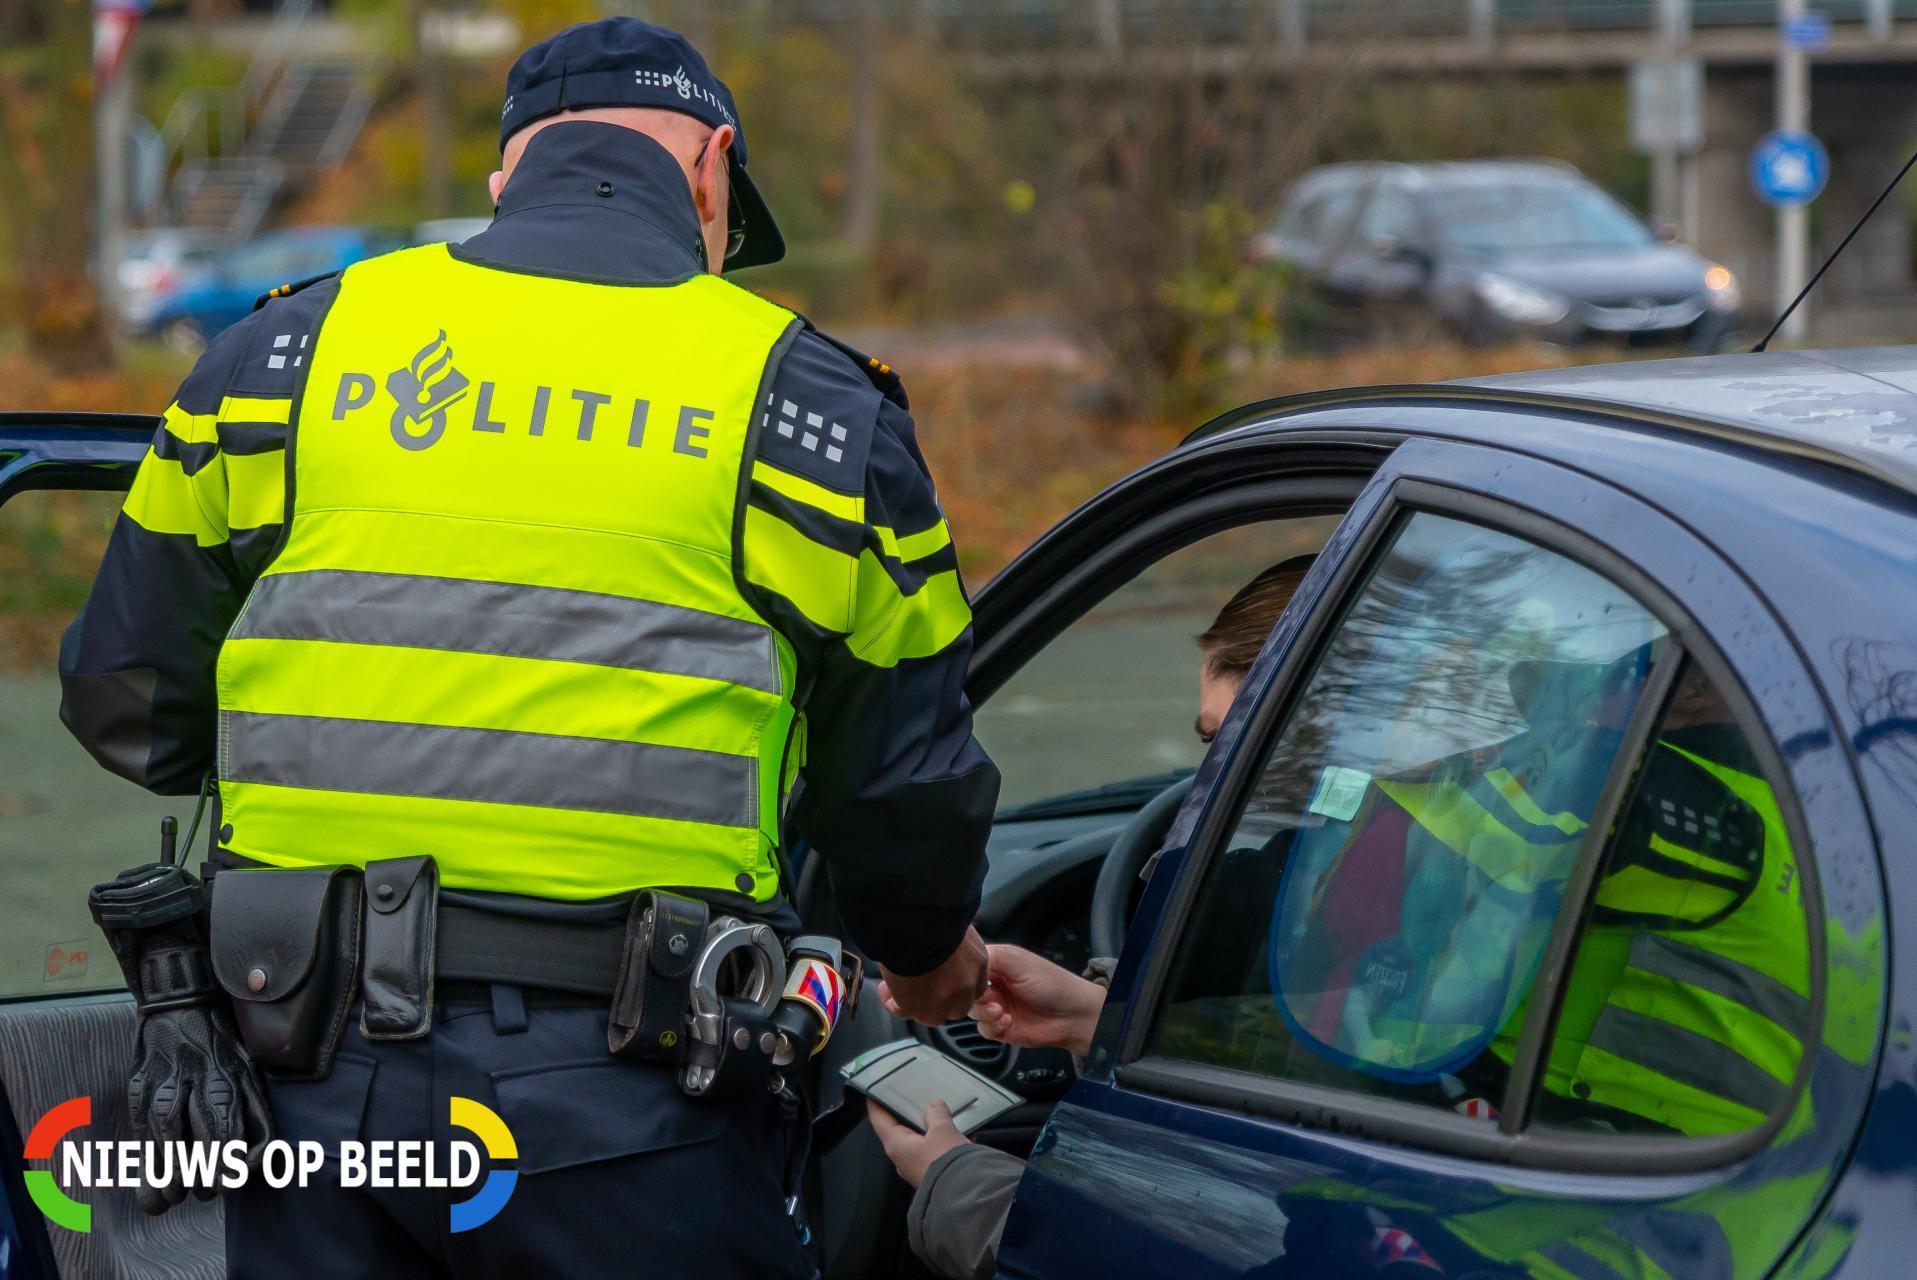 Bestuurder aangehouden met 110 liter pure amfetamine in voertuig